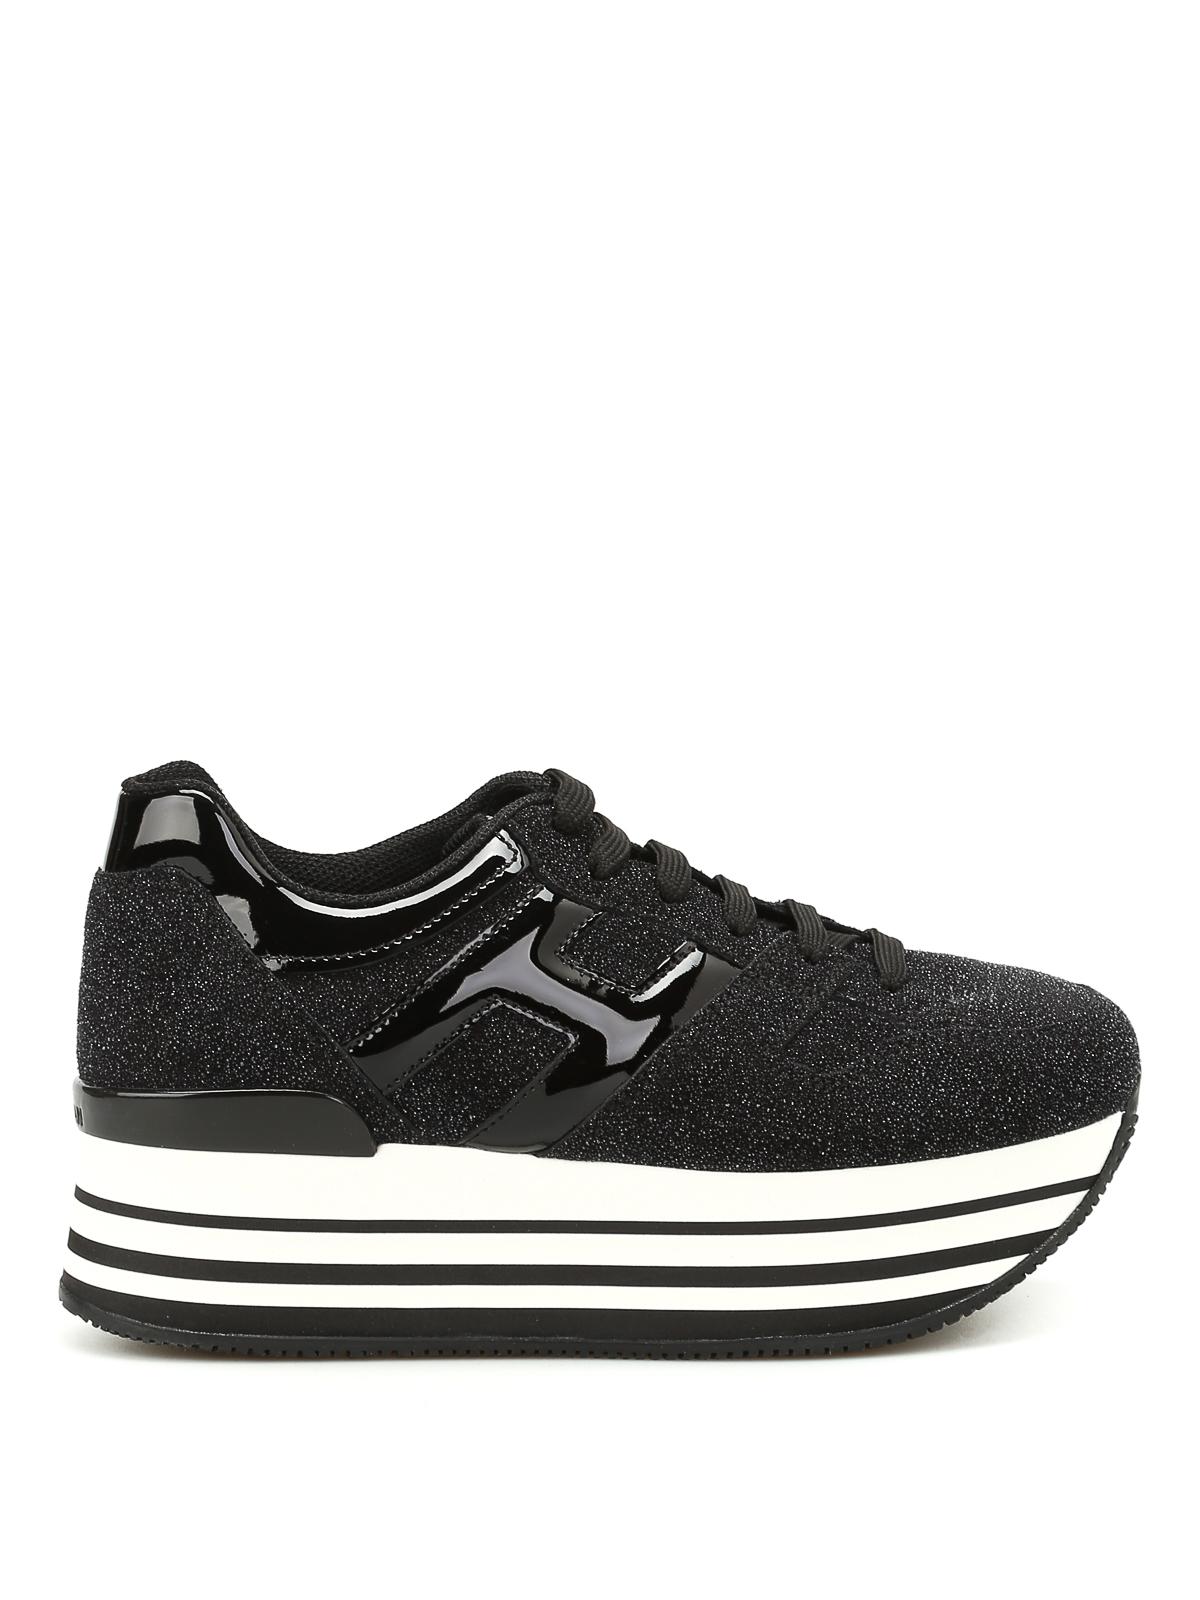 Trainers Hogan - H283 maxi glitter suede sneakers - HXW2830T548667B999